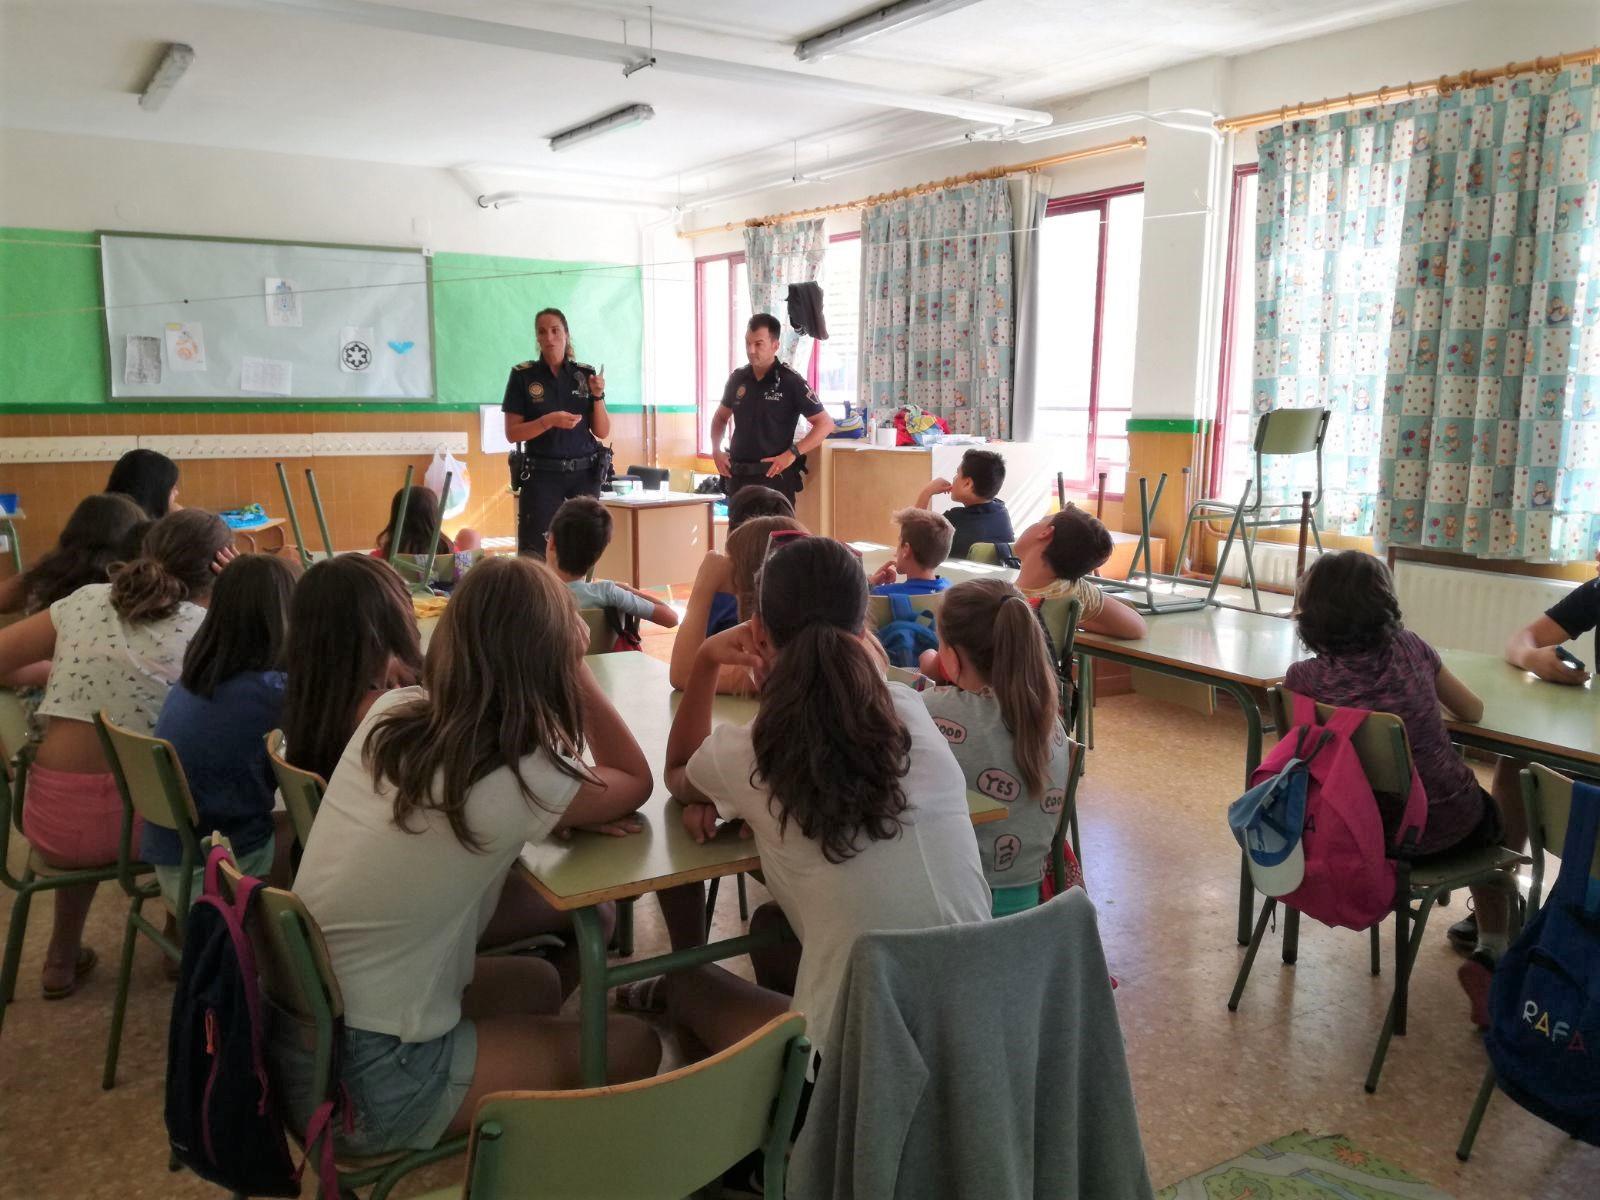 Los menores recibieron formación sobre acoso escolar y redes sociales.